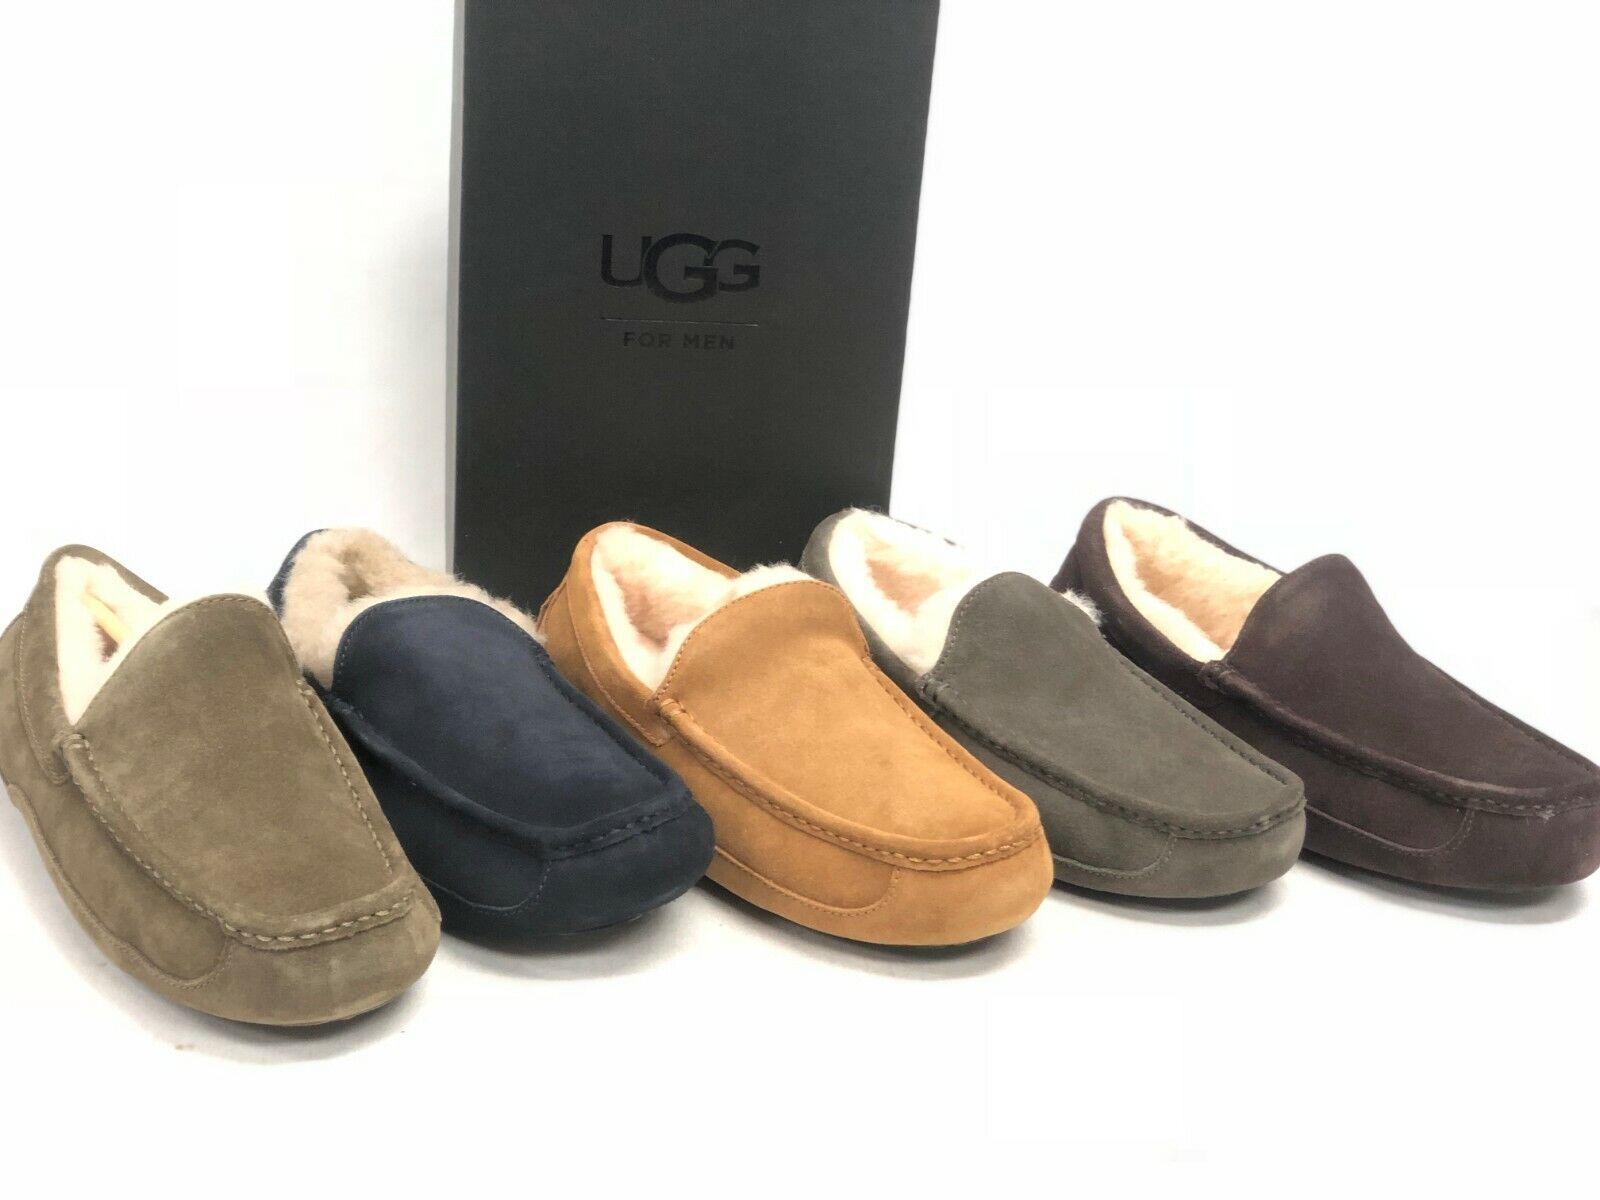 UGG Australia Men's Ascot Slippers 1101110 Shoes Sheepskin S